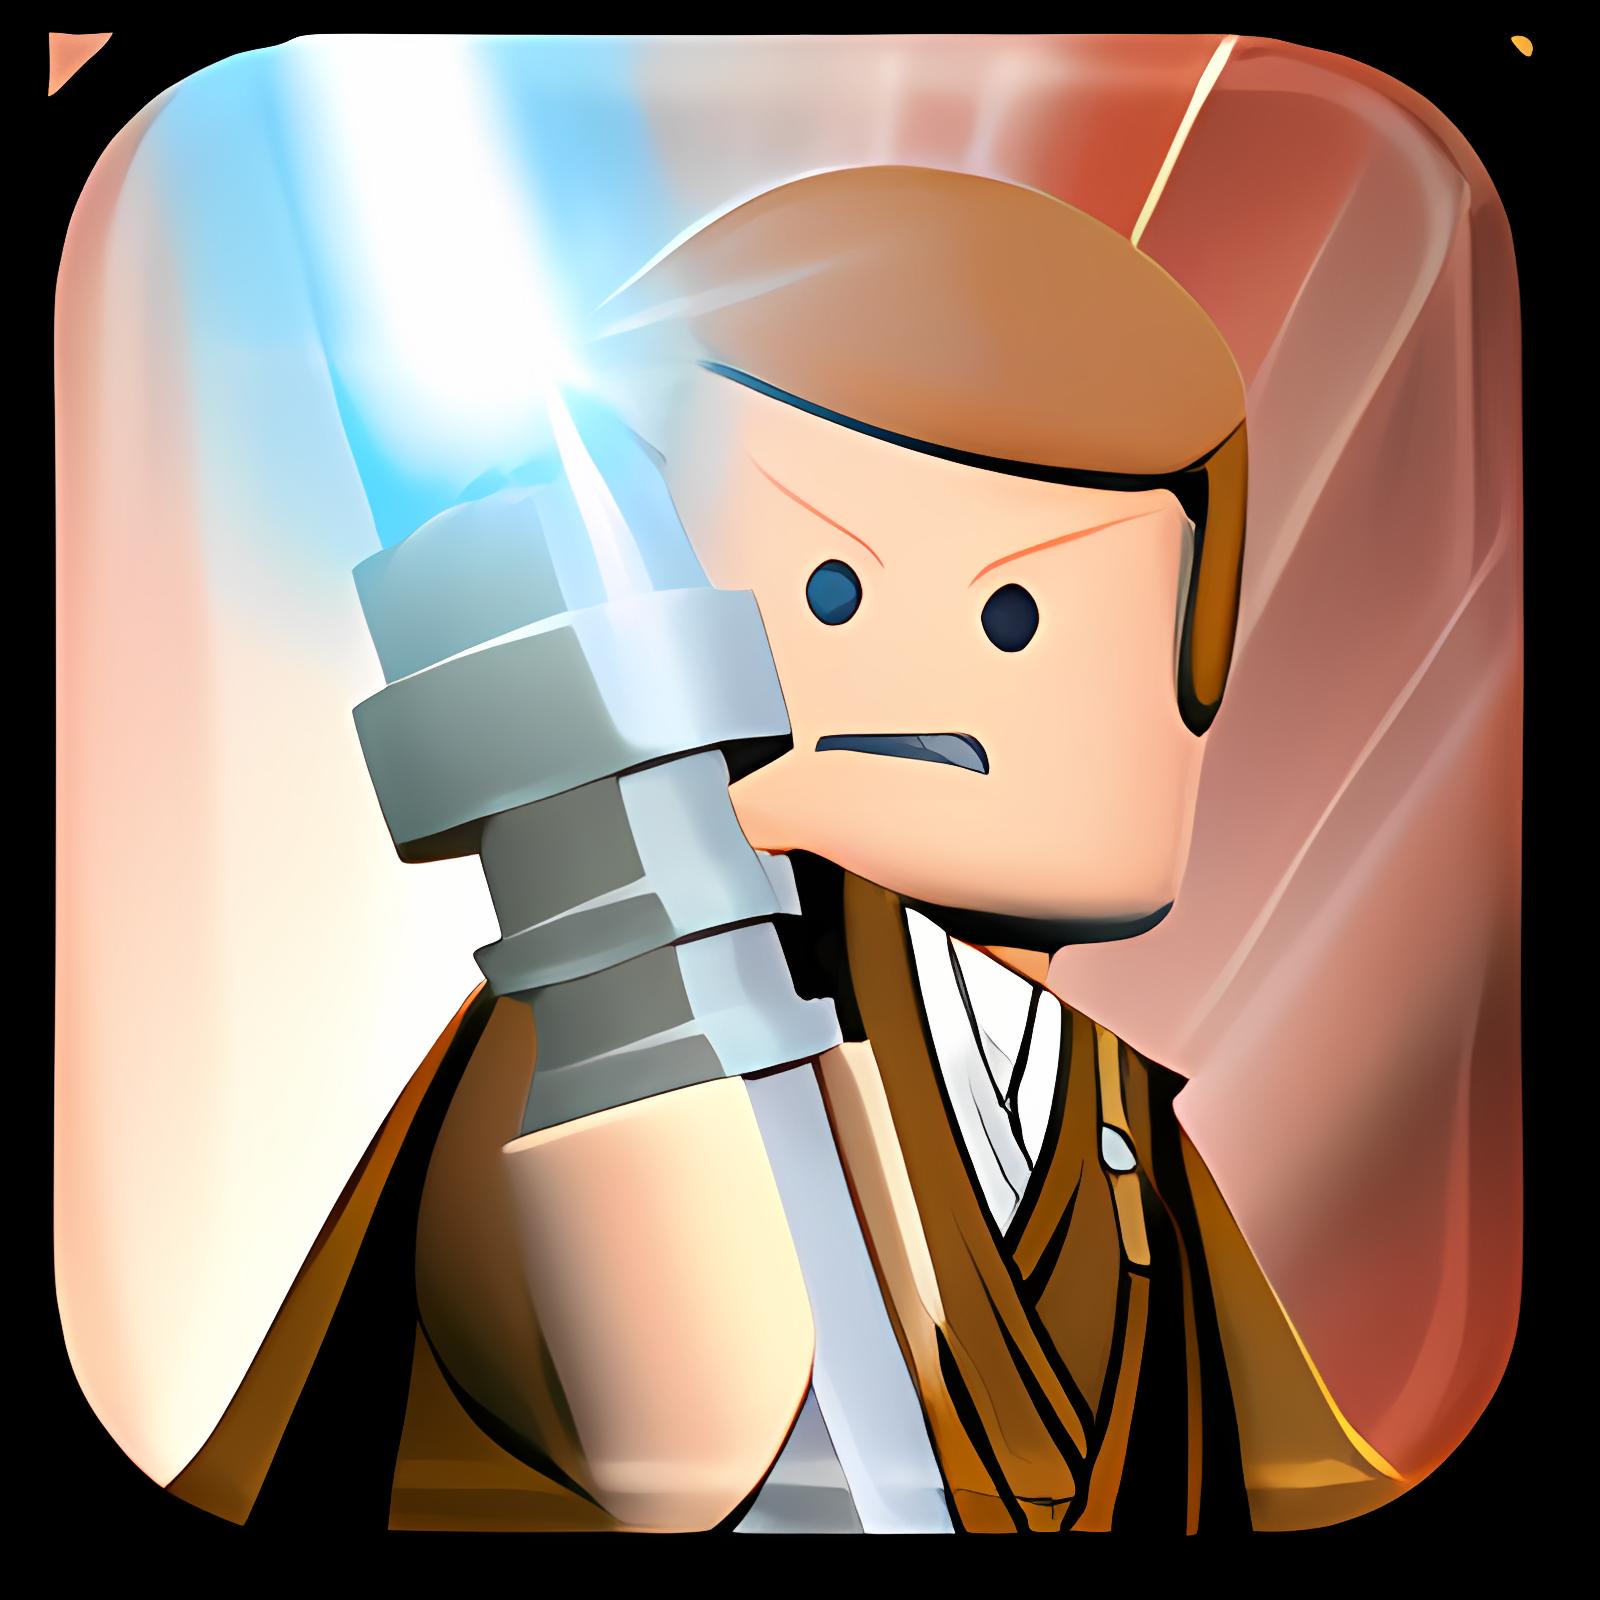 Lego Star Wars 1.0